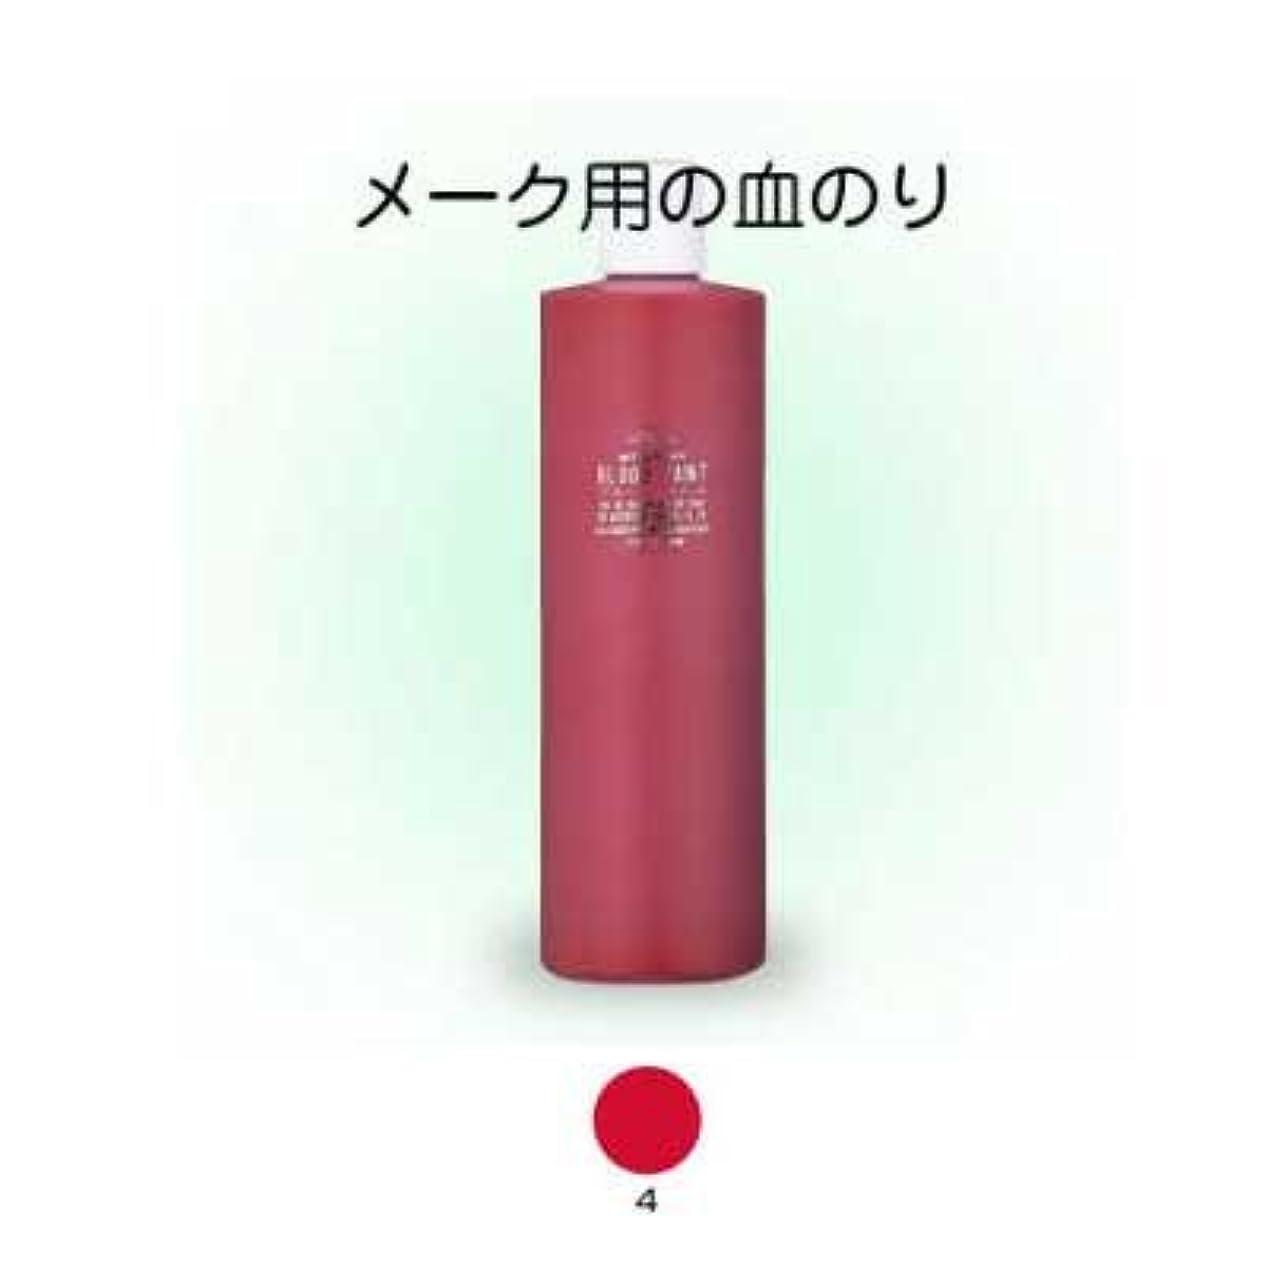 寸法ハンドブックストライクブロードペイント(メークアップ用の血のり)500ml 4【三善】